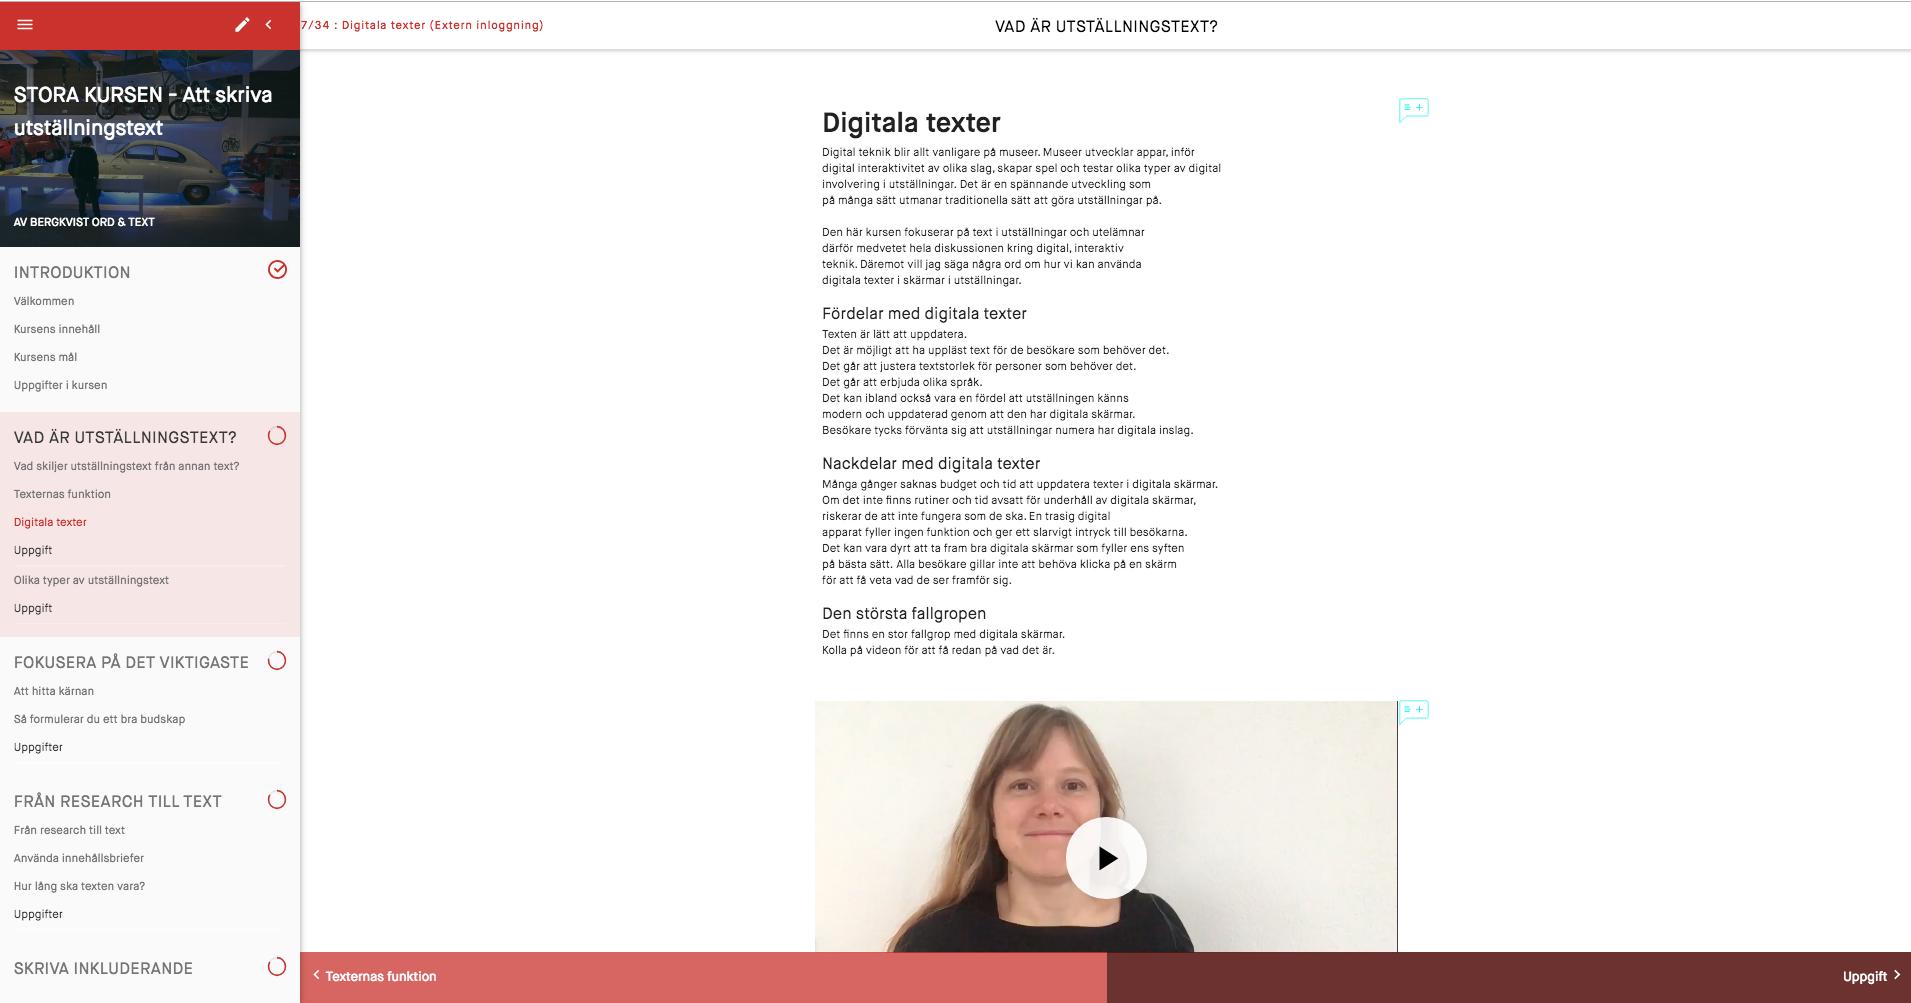 Skärmdump från webbkursen.